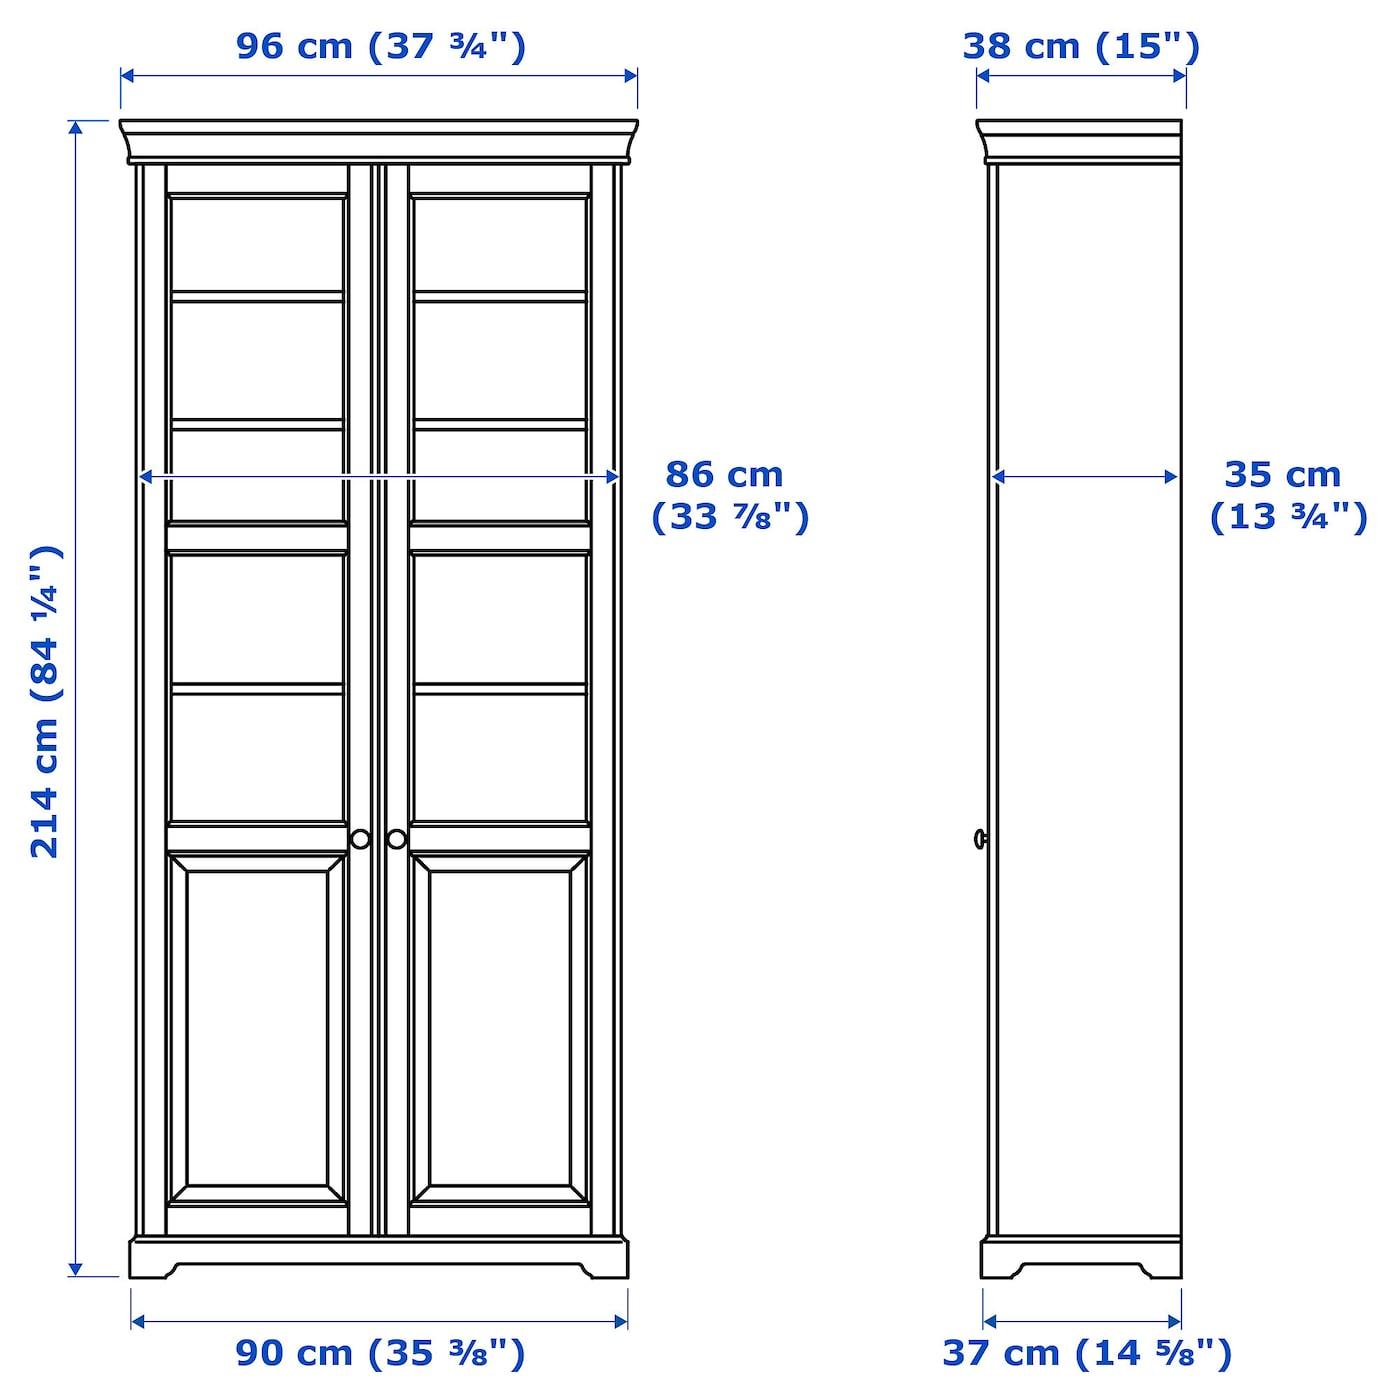 LIATORP Boekenkast met glazen deur Wit 96x214 cm - IKEA